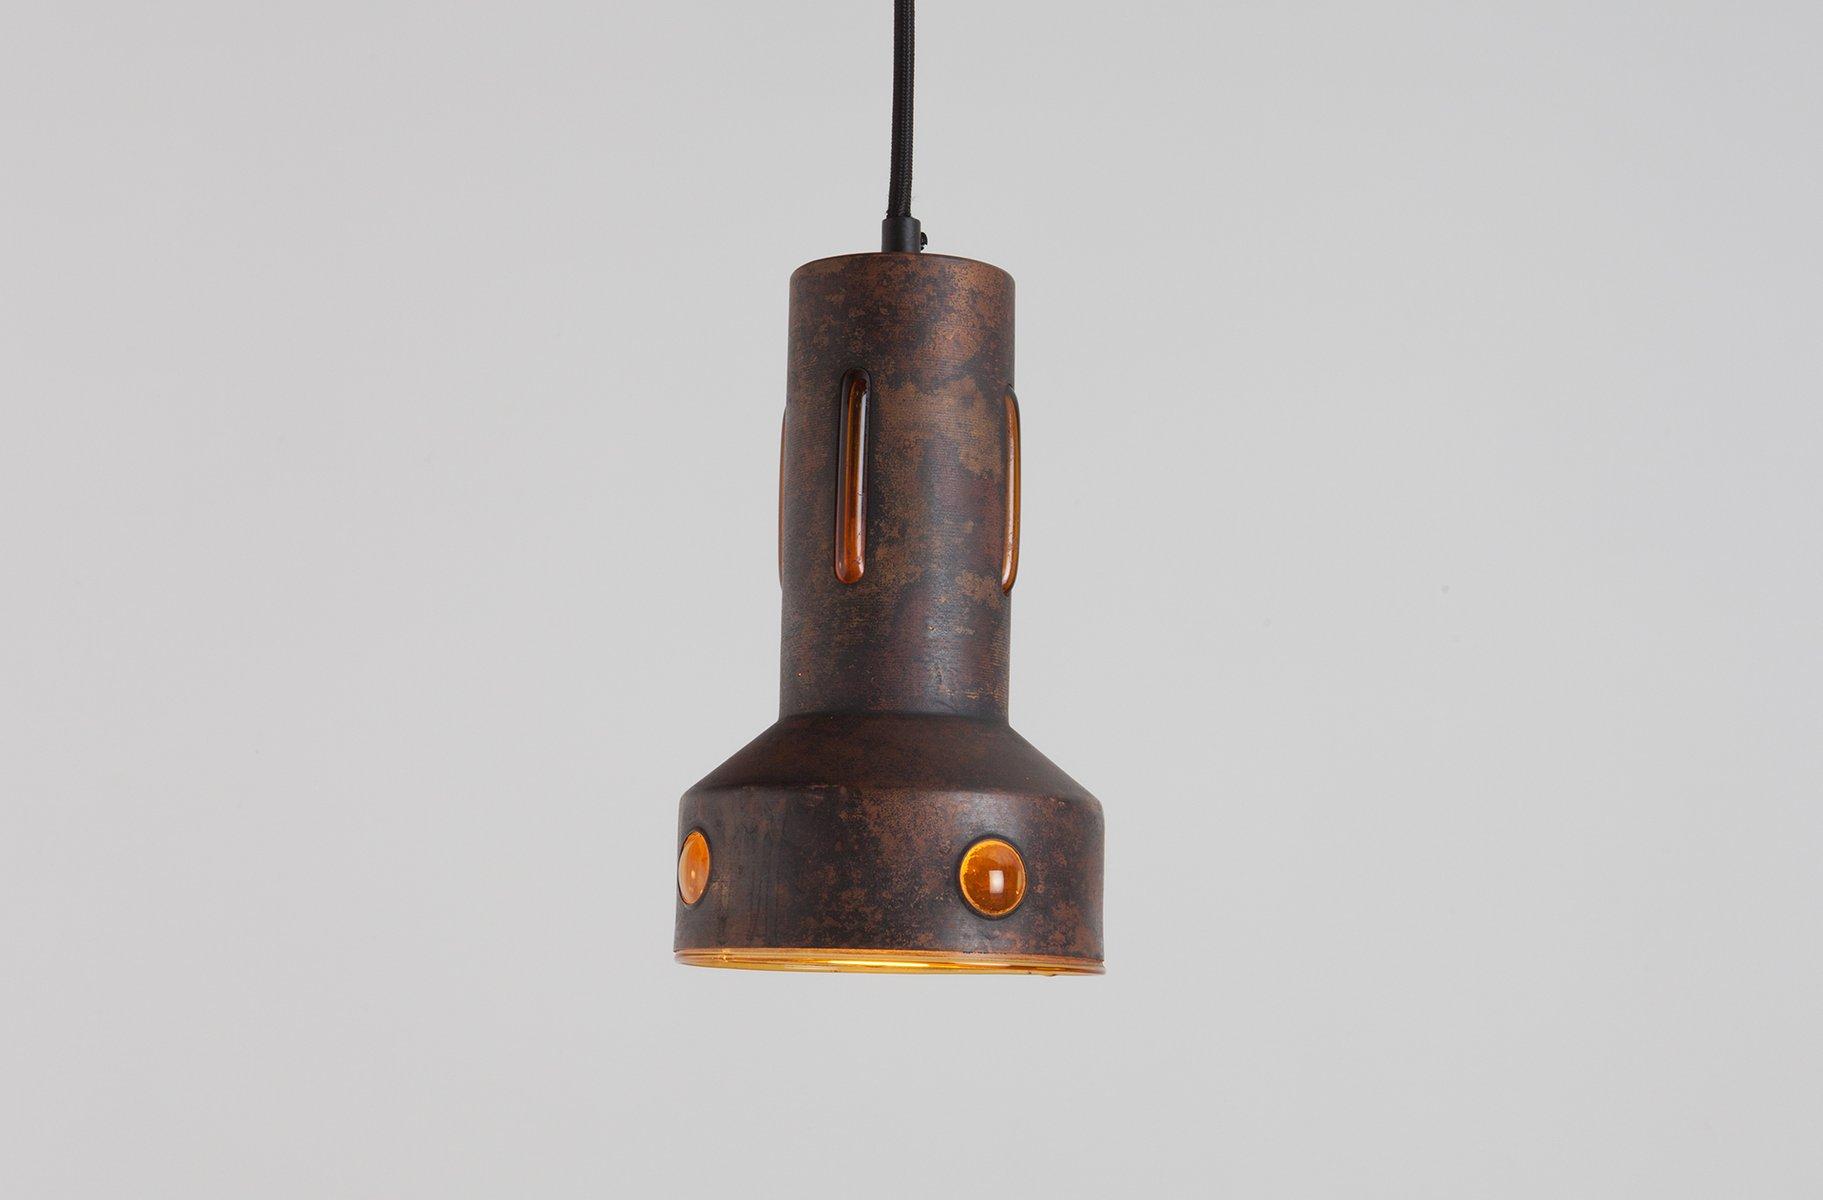 Vintage Hängelampe aus Kupfer & Glas